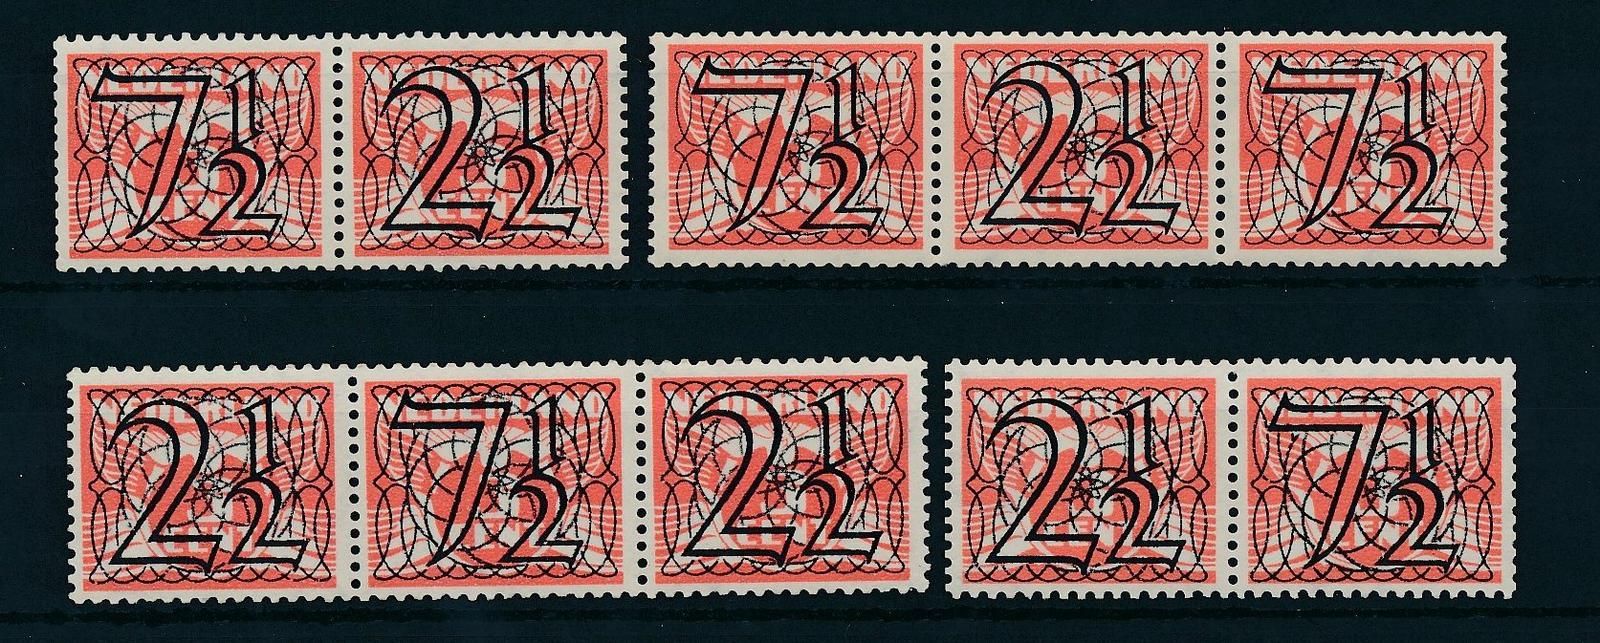 Nederland 1940 Frankeerzegels Tralie, 4 combinaties NVPH 356a-356d